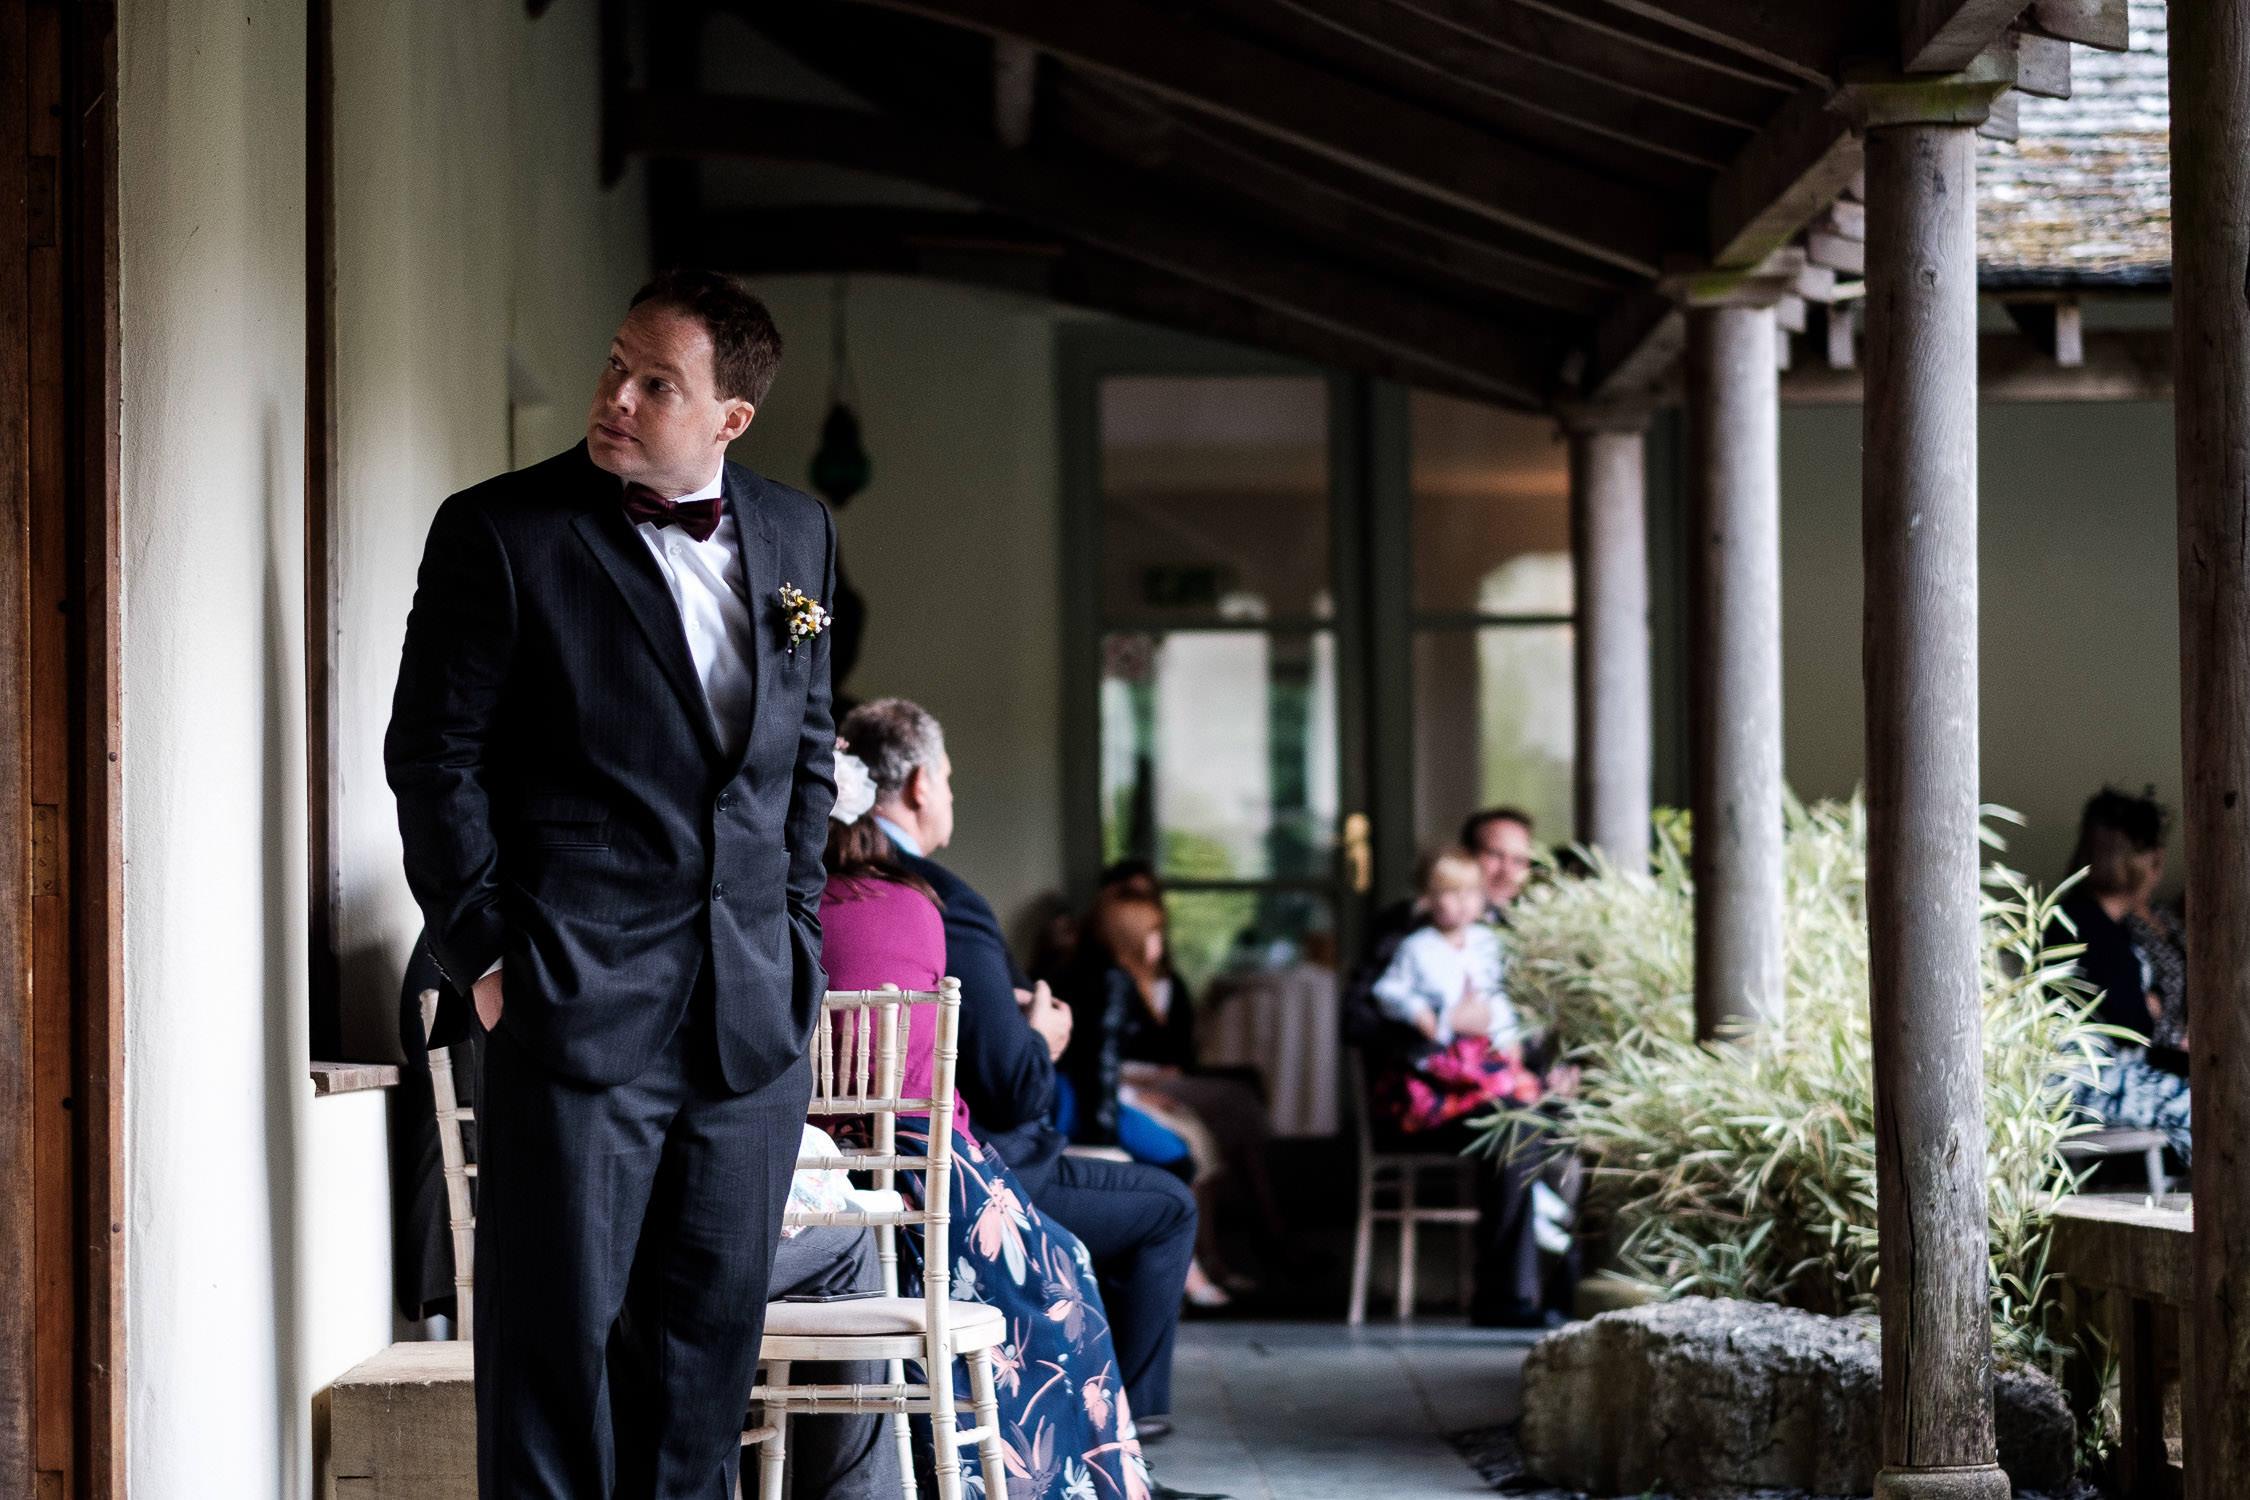 usher waiting before ceremony